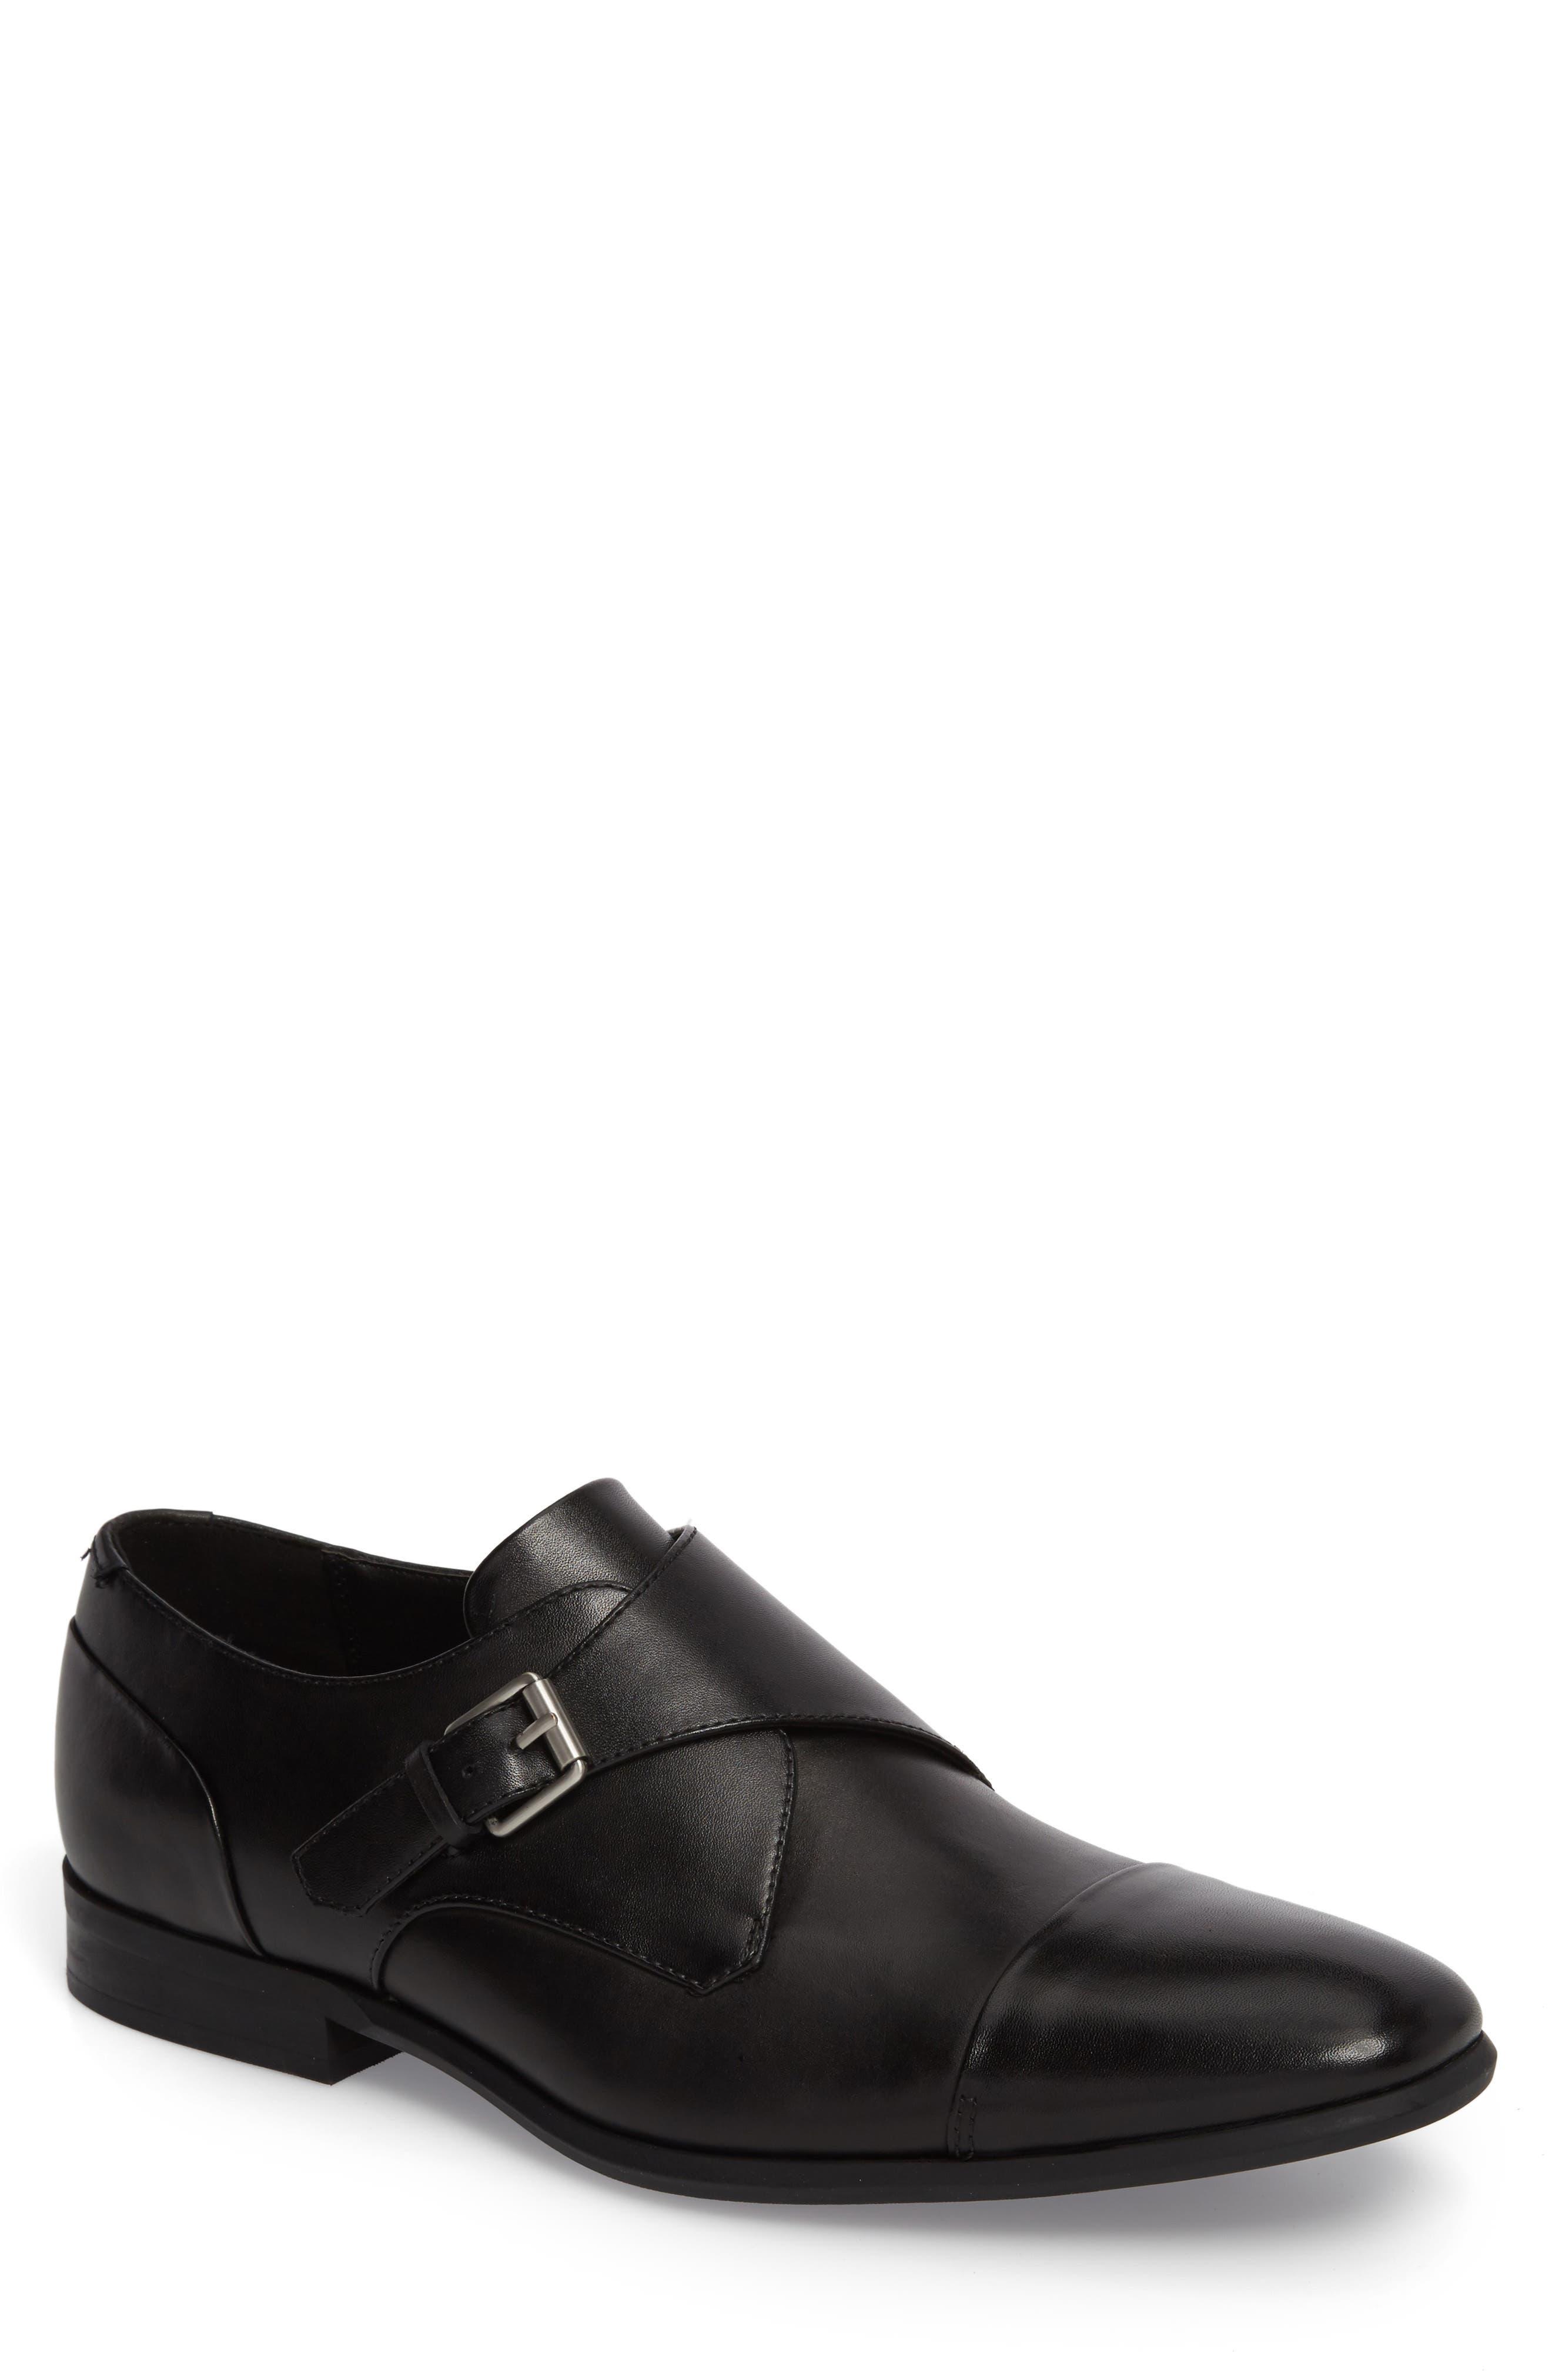 Lucus Monk Strap Shoe,                         Main,                         color, BLACK LEATHER